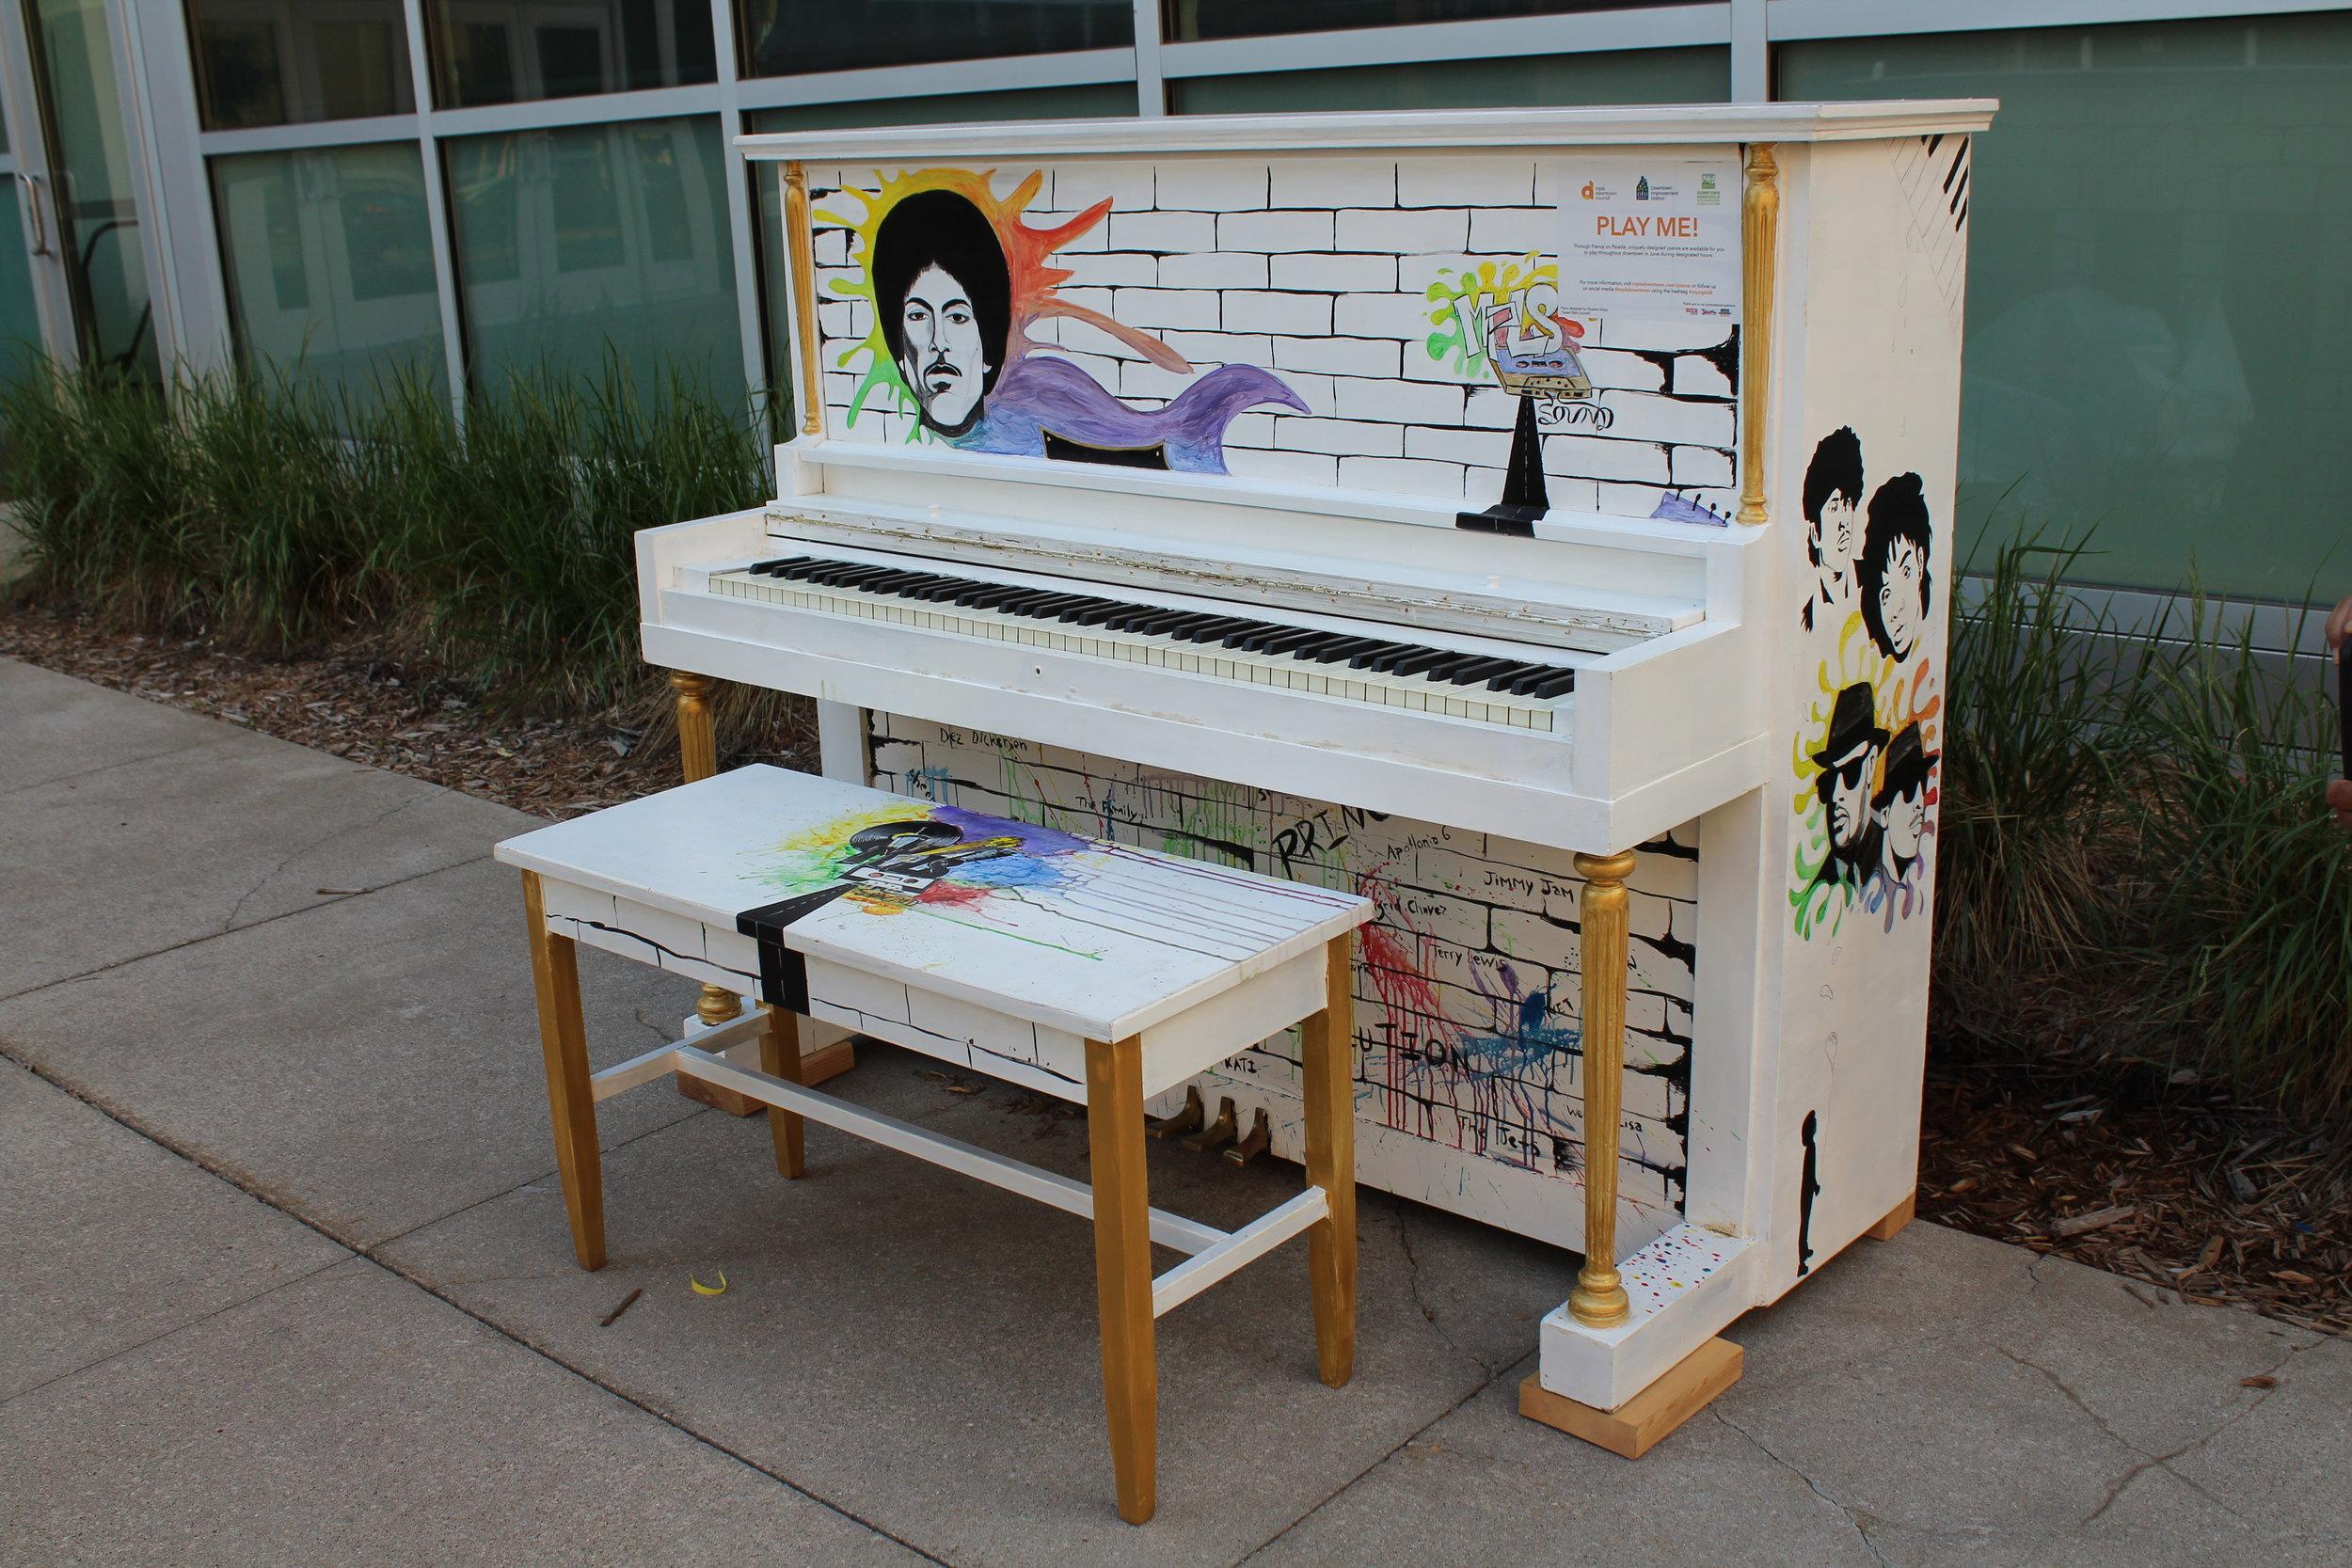 prince_piano3.JPG